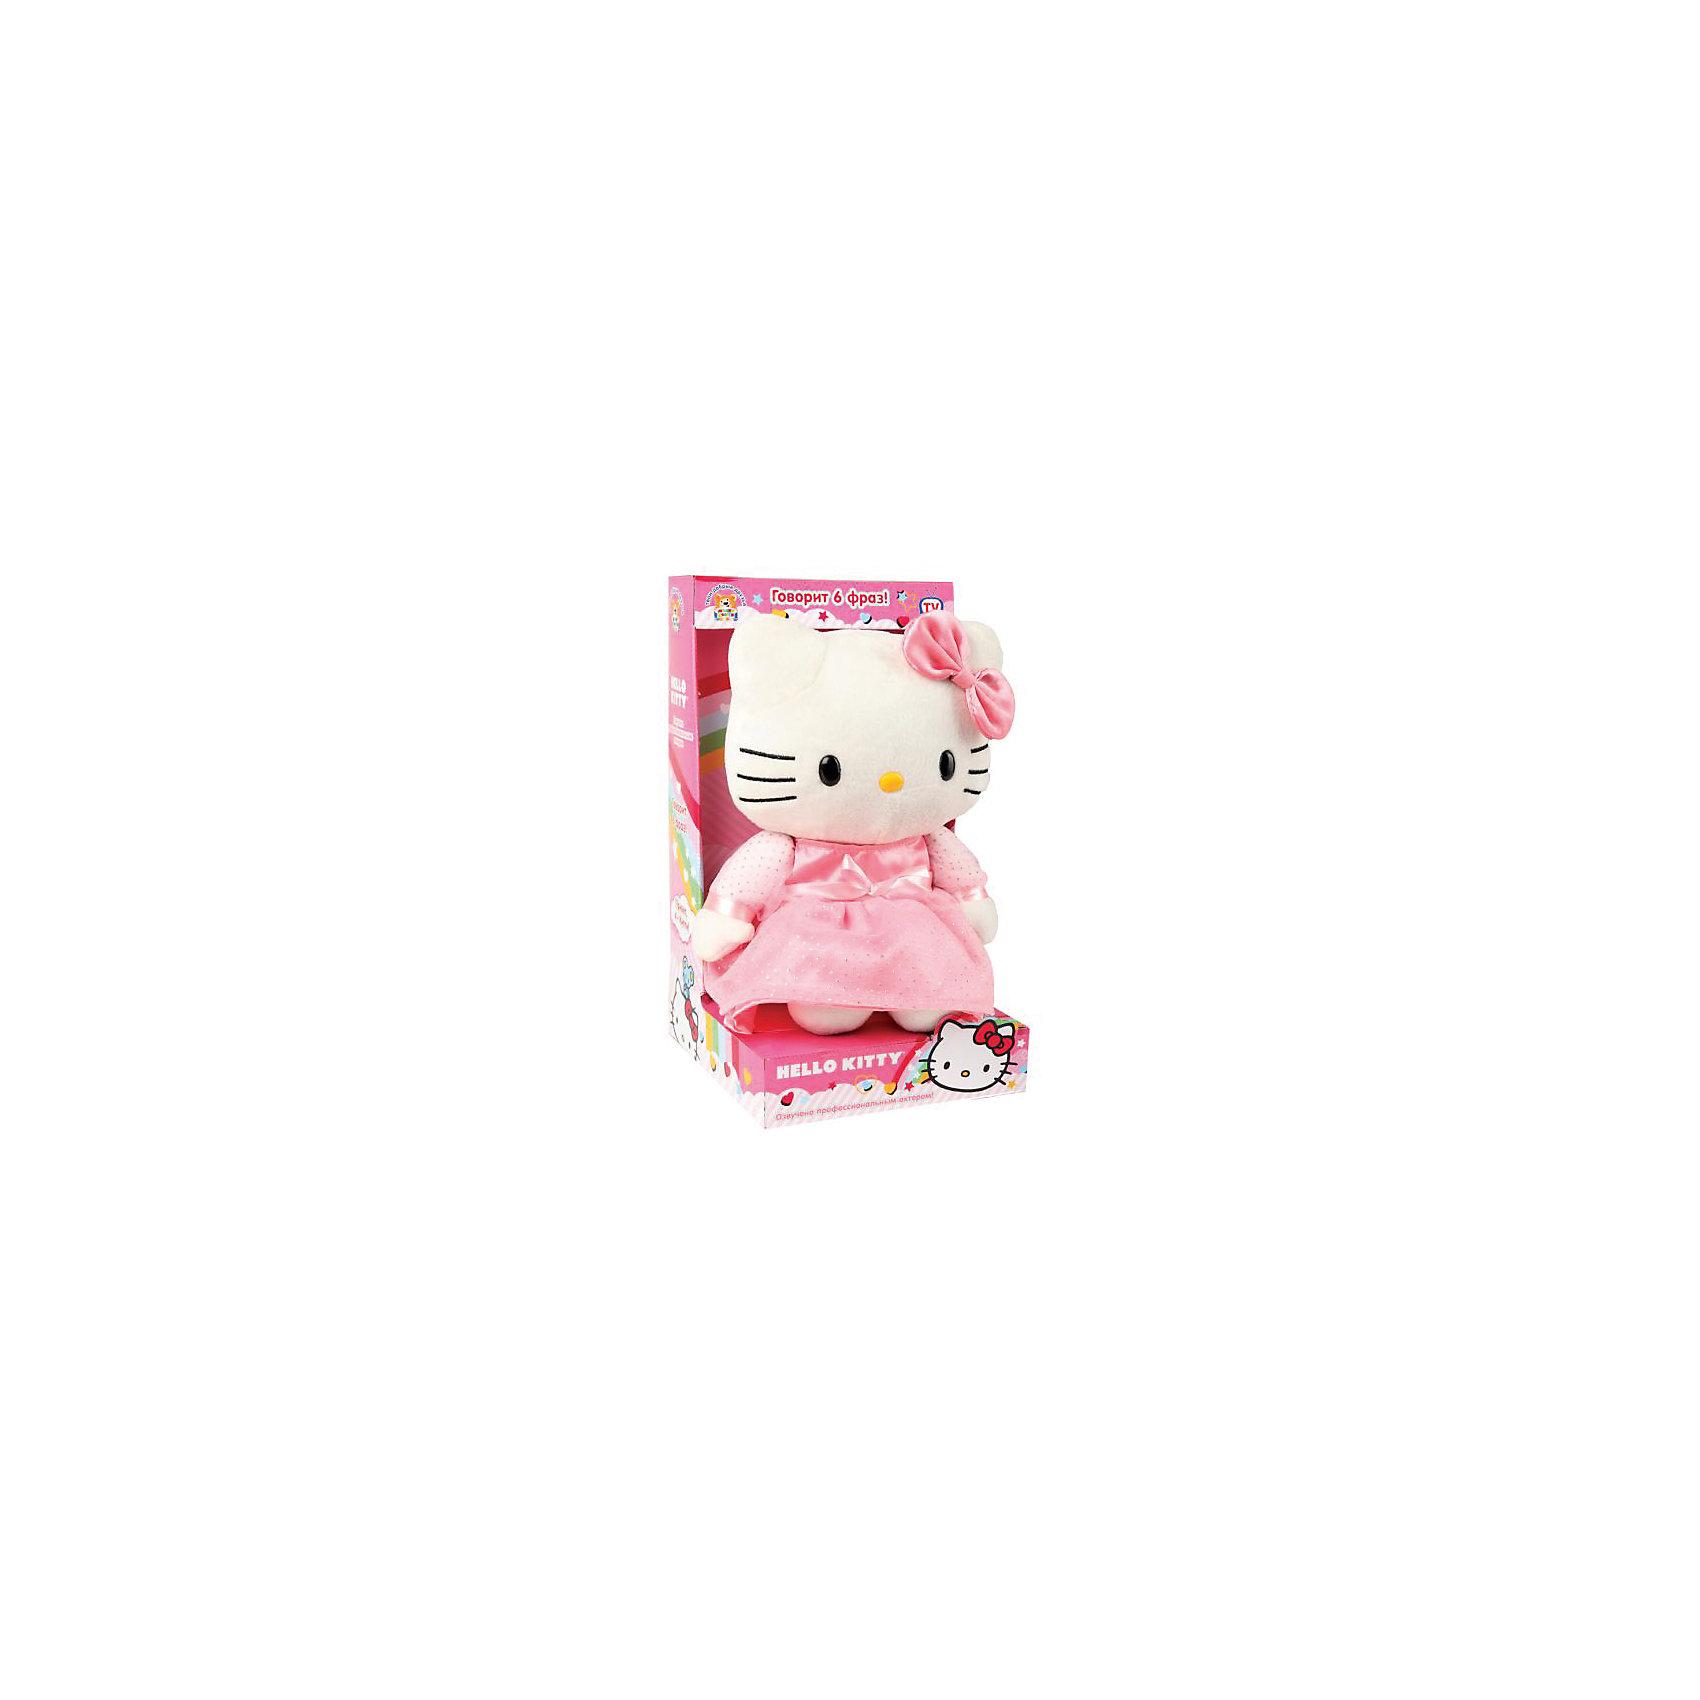 Мягкая игрушка  Hello Kitty, 22 см, со звуком, МУЛЬТИ-ПУЛЬТИМягкая игрушка Hello Kitty со звуком от марки МУЛЬТИ-ПУЛЬТИ<br><br>Интерактивная мягкая игрушка от отечественного производителя поможет ребенку проводить время весело и с пользой. Она сделана в виде известного героя - милой кошечки. В игрушке есть встроенный звуковой модуль, работающий на батарейках. Она говорит 6 разных фраз.<br>Размер игрушки - 22 сантиметра, её удобно брать с собой в поездки и на прогулку. Одет Снупи в яркую шапку. Сделан он из качественных и безопасных для ребенка материалов. <br><br>Отличительные особенности игрушки:<br><br>- материал: текстиль, пластик;<br>- звуковой модуль;<br>- язык: русский;<br>- работает на батарейках;<br>- высота: 22 см.<br><br>Мягкую игрушку Hello Kitty со звуком от марки МУЛЬТИ-ПУЛЬТИ можно купить в нашем магазине.<br><br>Ширина мм: 290<br>Глубина мм: 610<br>Высота мм: 500<br>Вес г: 580<br>Возраст от месяцев: 36<br>Возраст до месяцев: 84<br>Пол: Женский<br>Возраст: Детский<br>SKU: 4659492